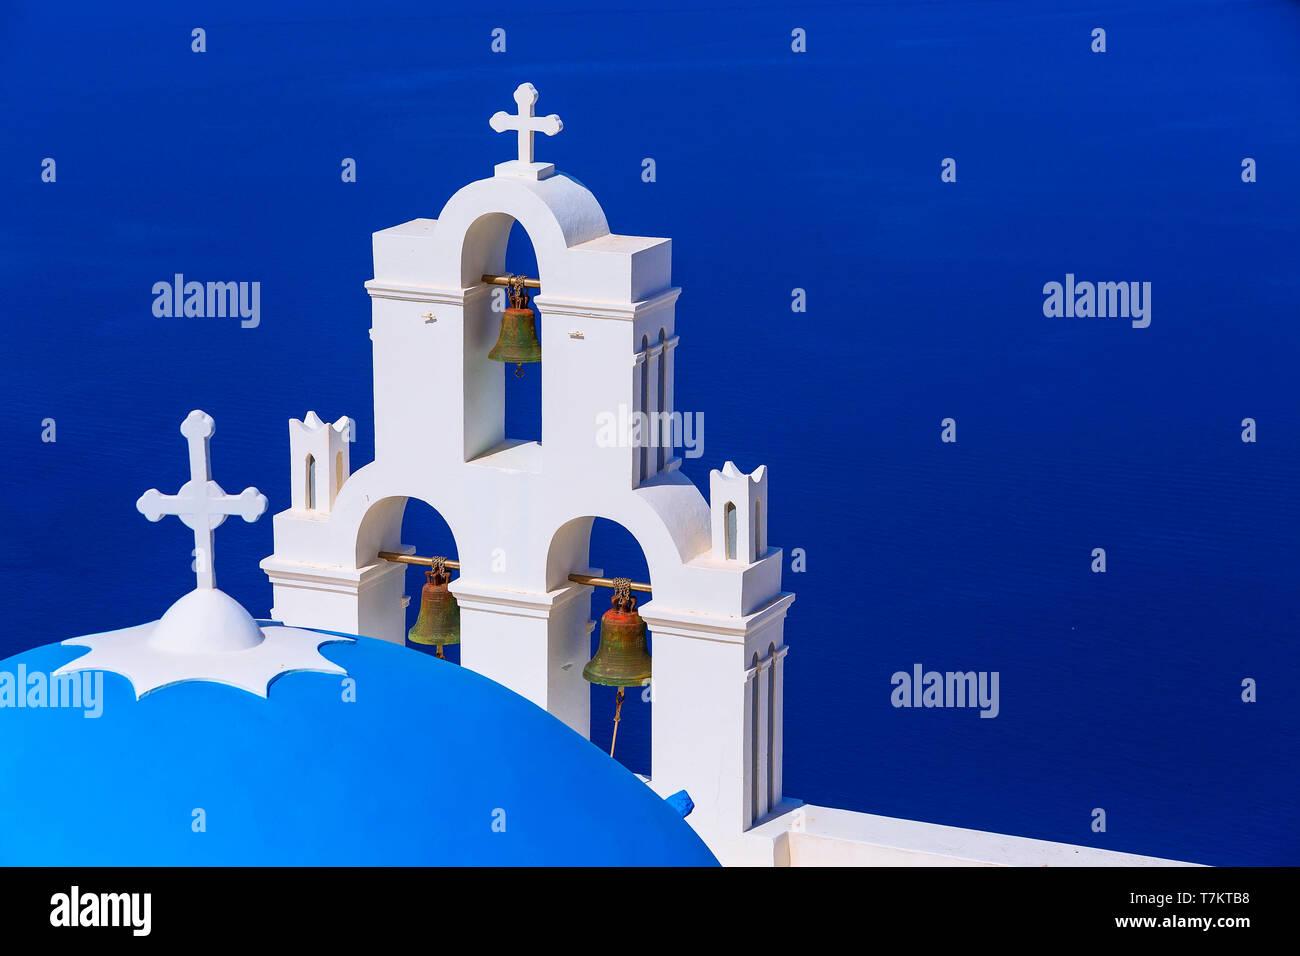 Vue mer et iconique de bleu et blanc clocher de l'église, Santorin, Grèce Banque D'Images